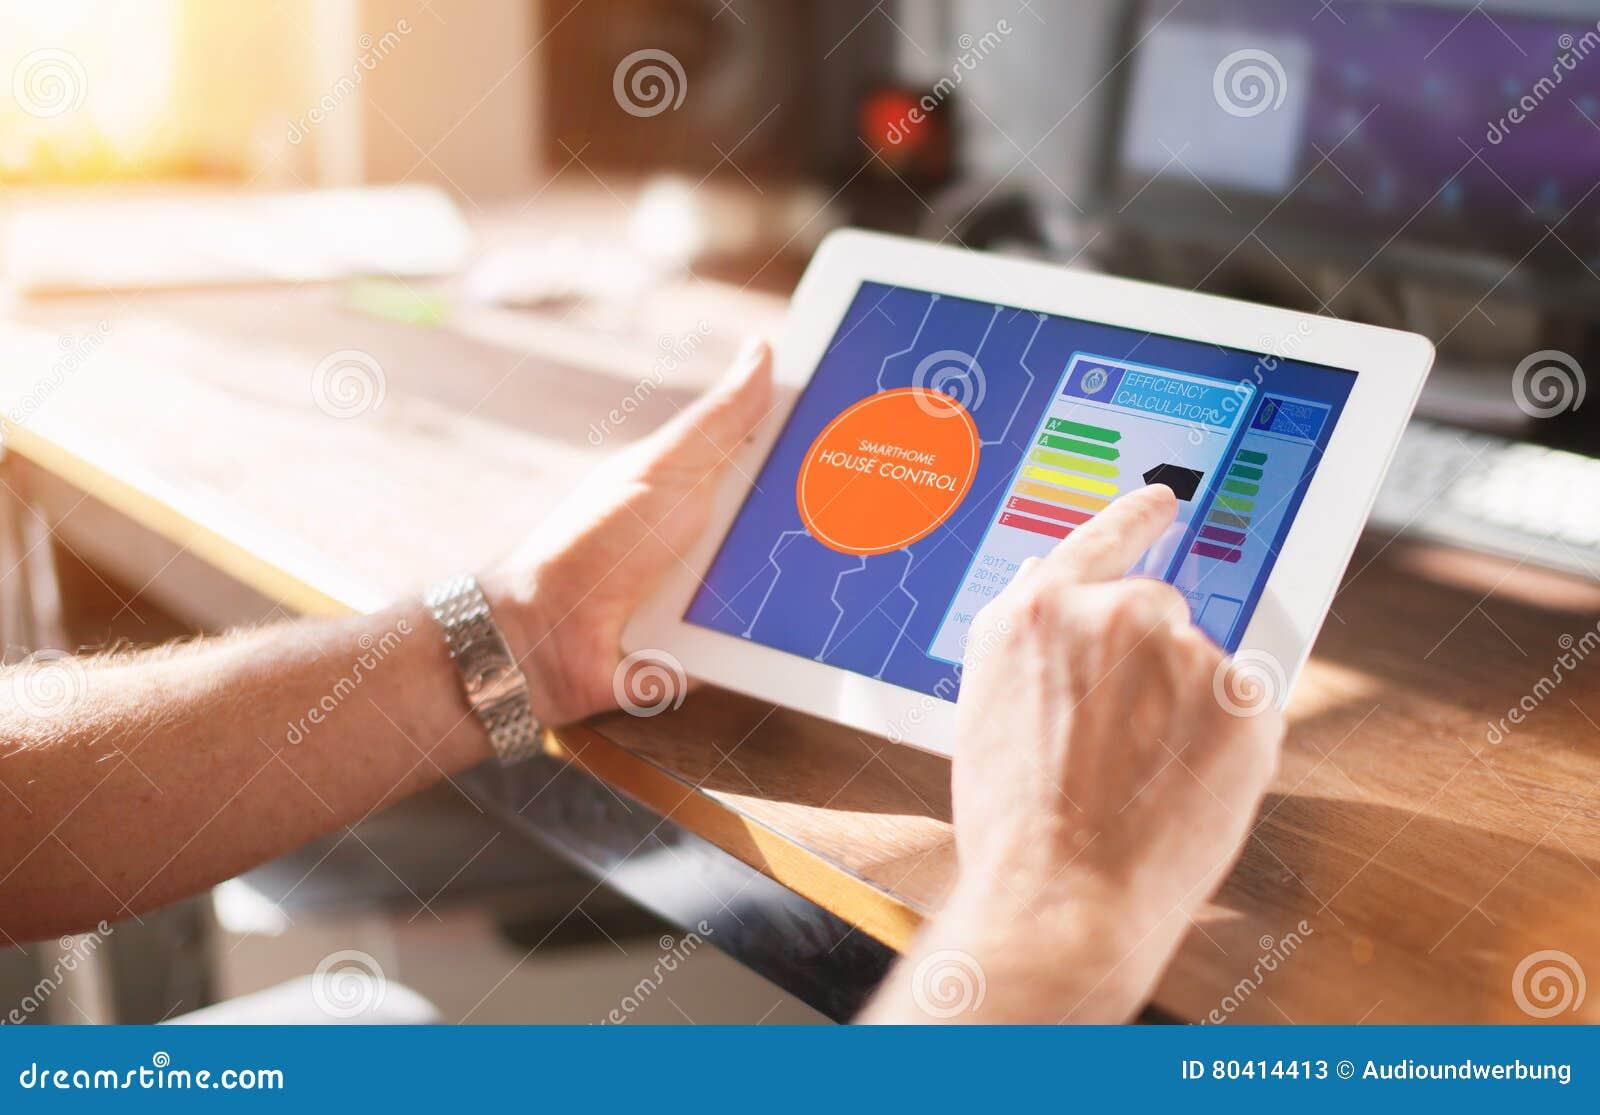 Slim Huisapparaat - het concept van de het huiscontrole van de Huisautomatisering